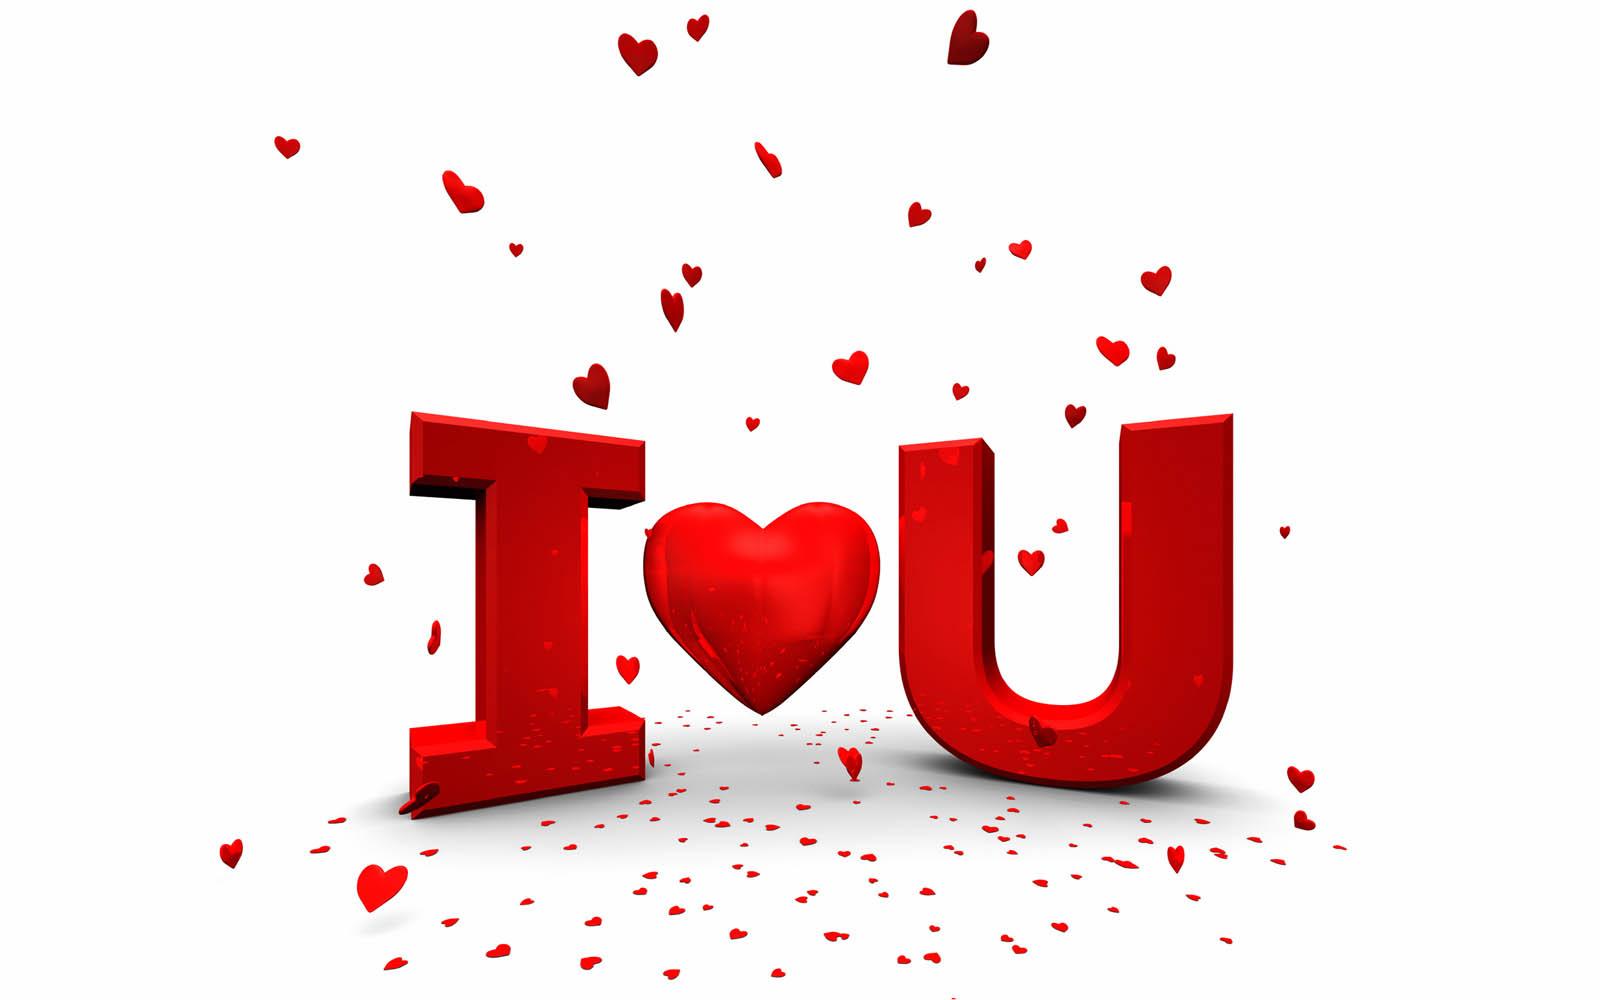 S Love J Wallpapers : K Love Wallpaper - WallpaperSafari